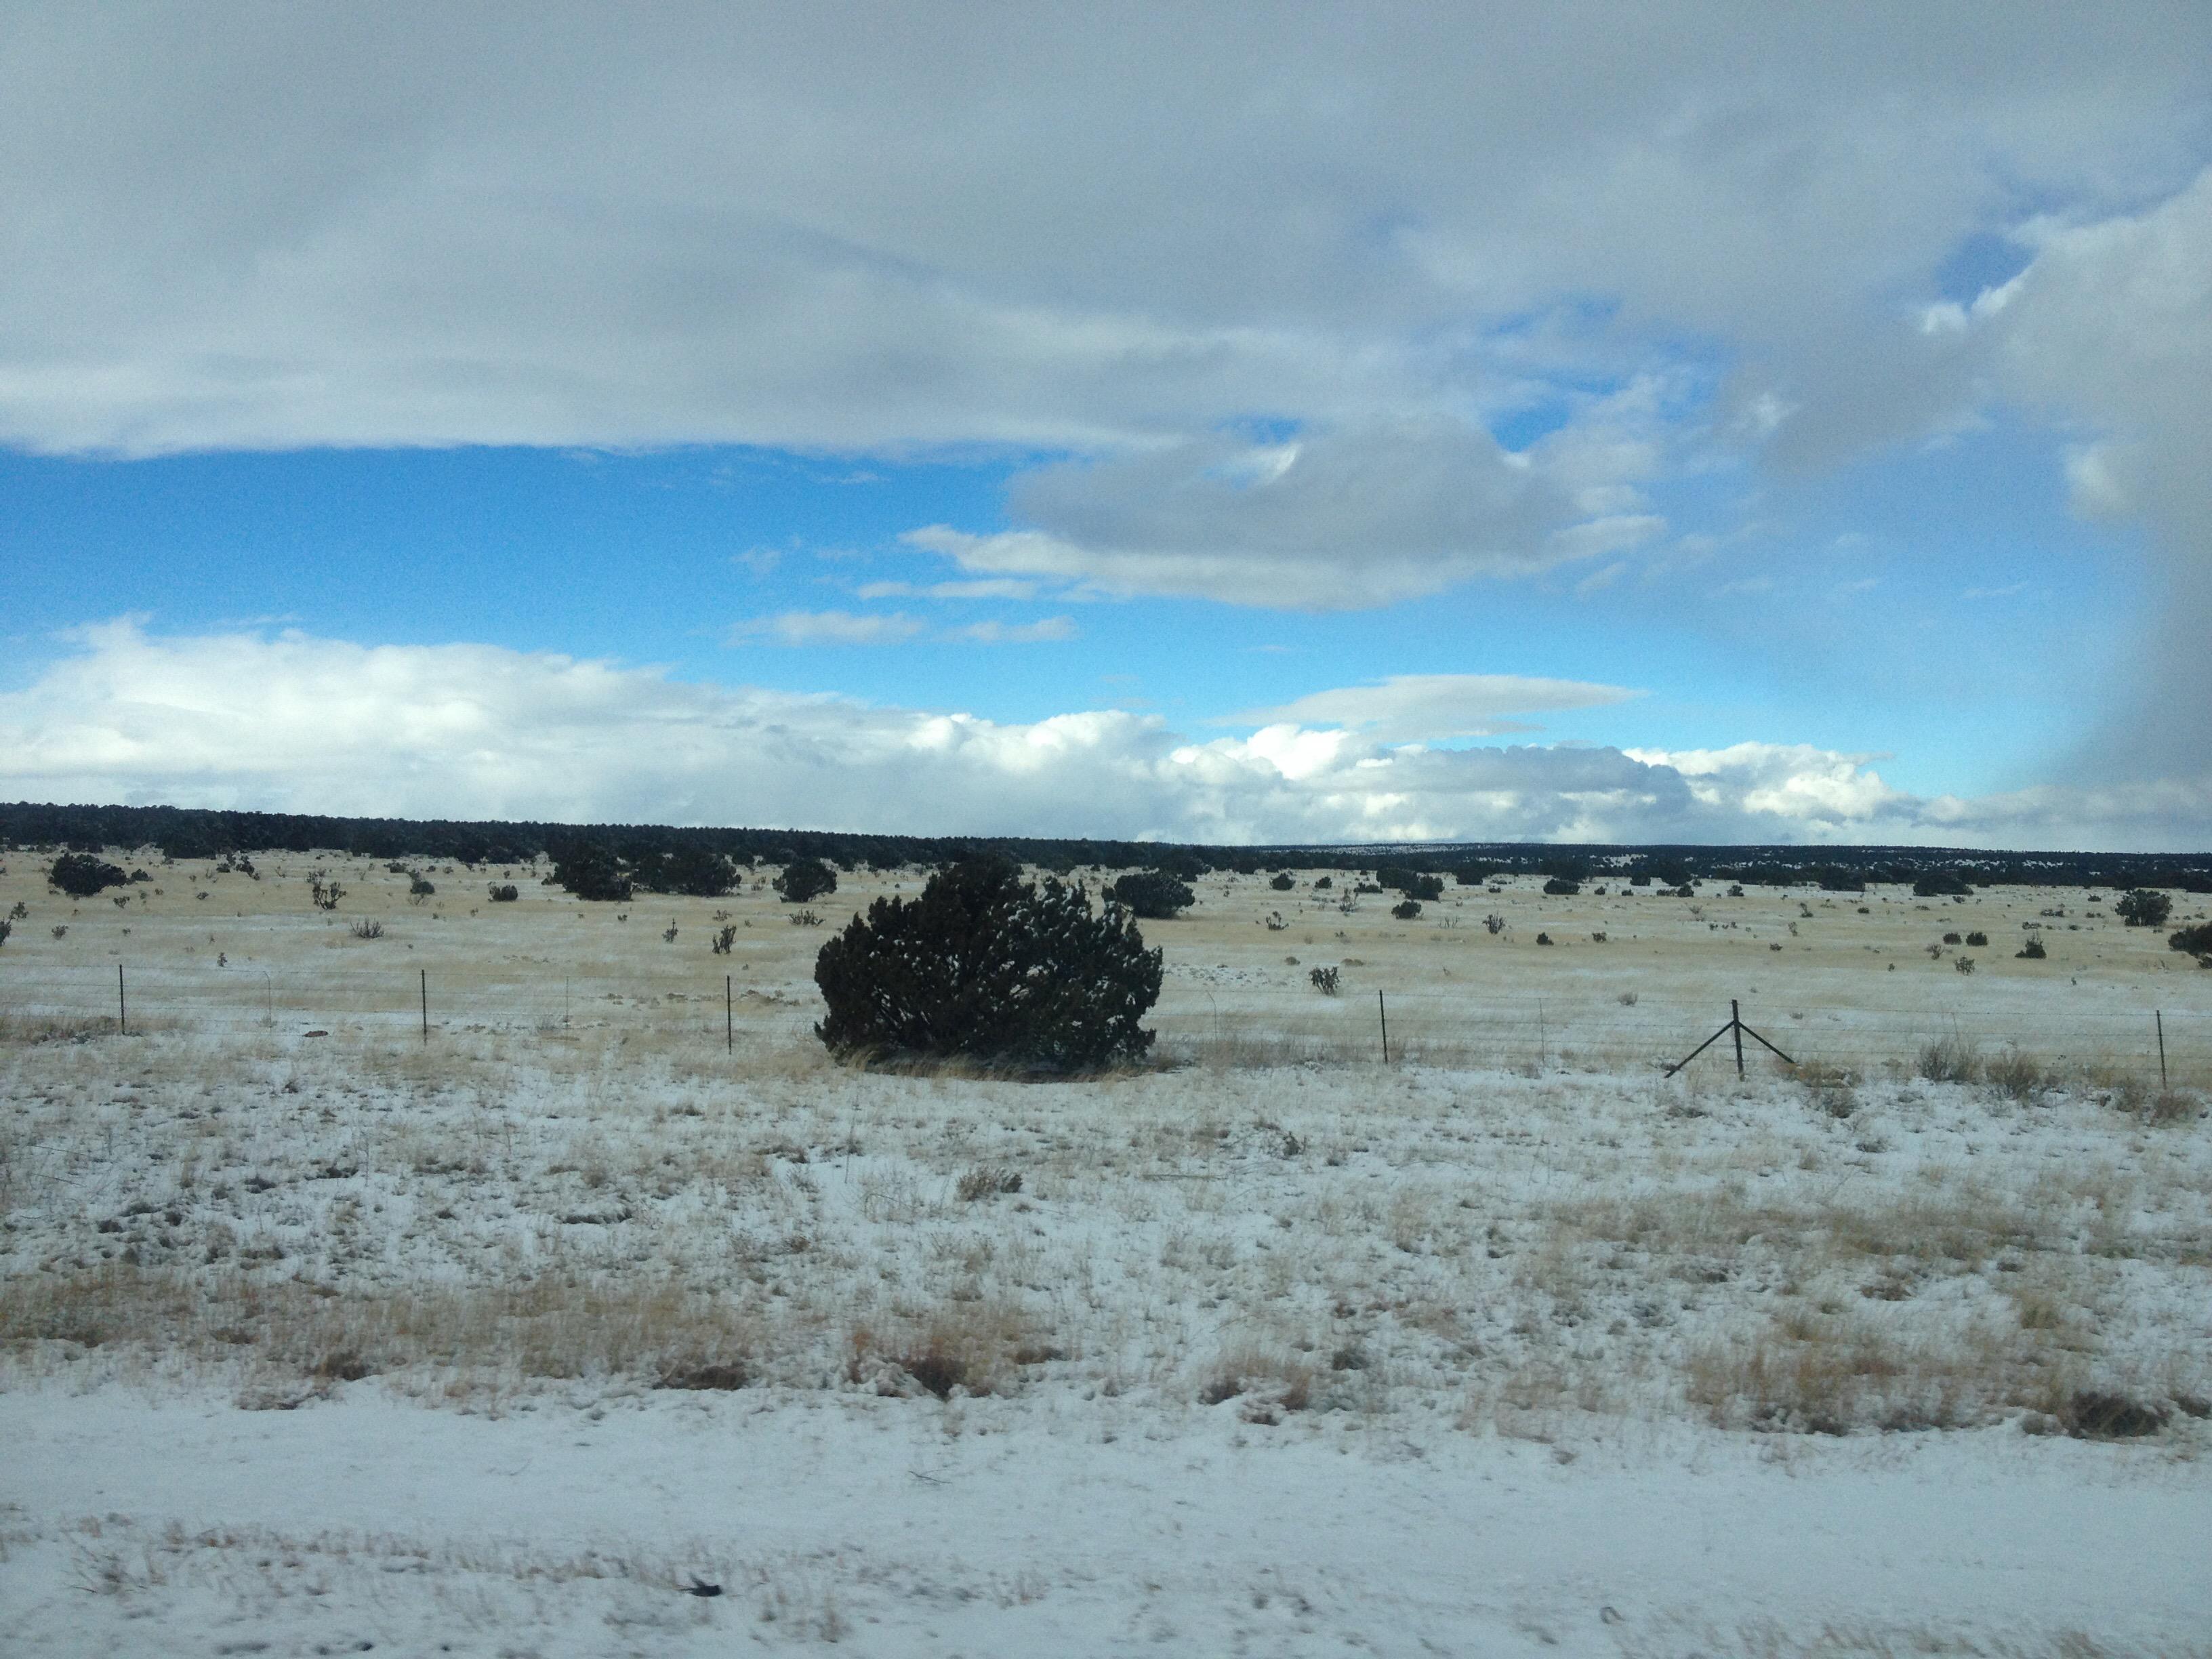 Foap-Snowy_desert